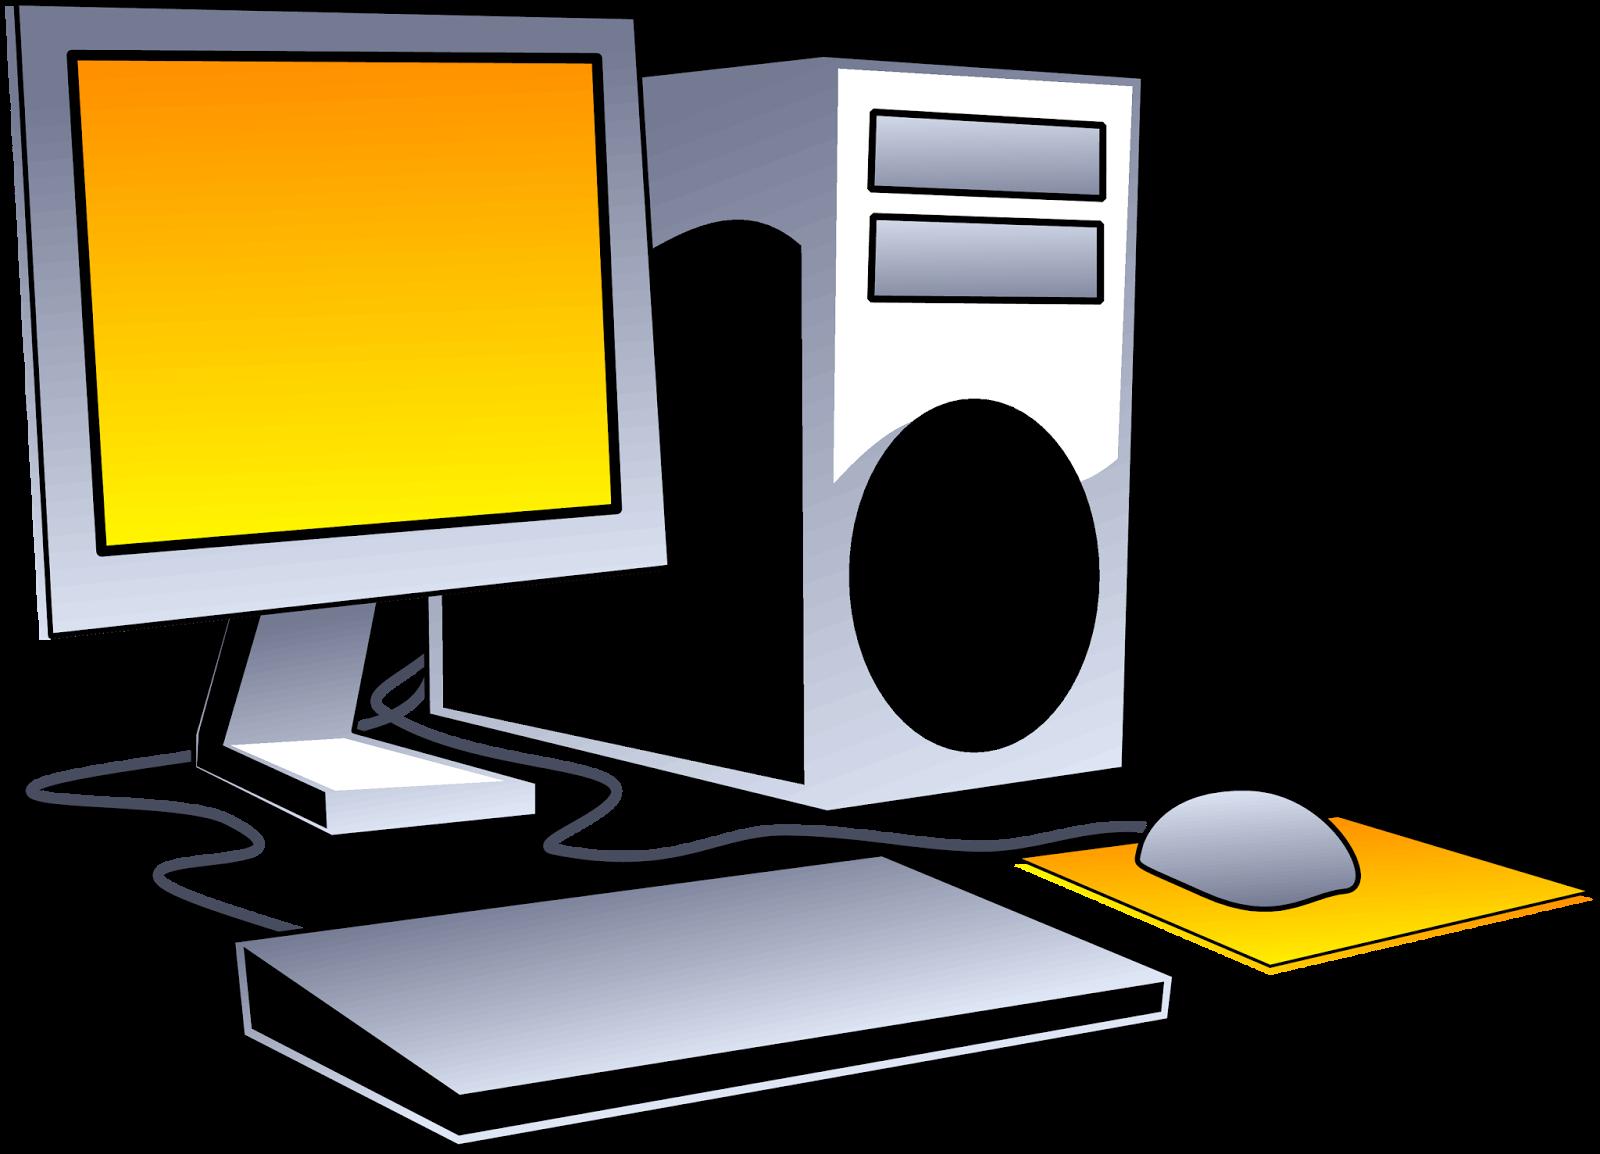 Macam-Macam Hardware Komputer dan Fungsinya